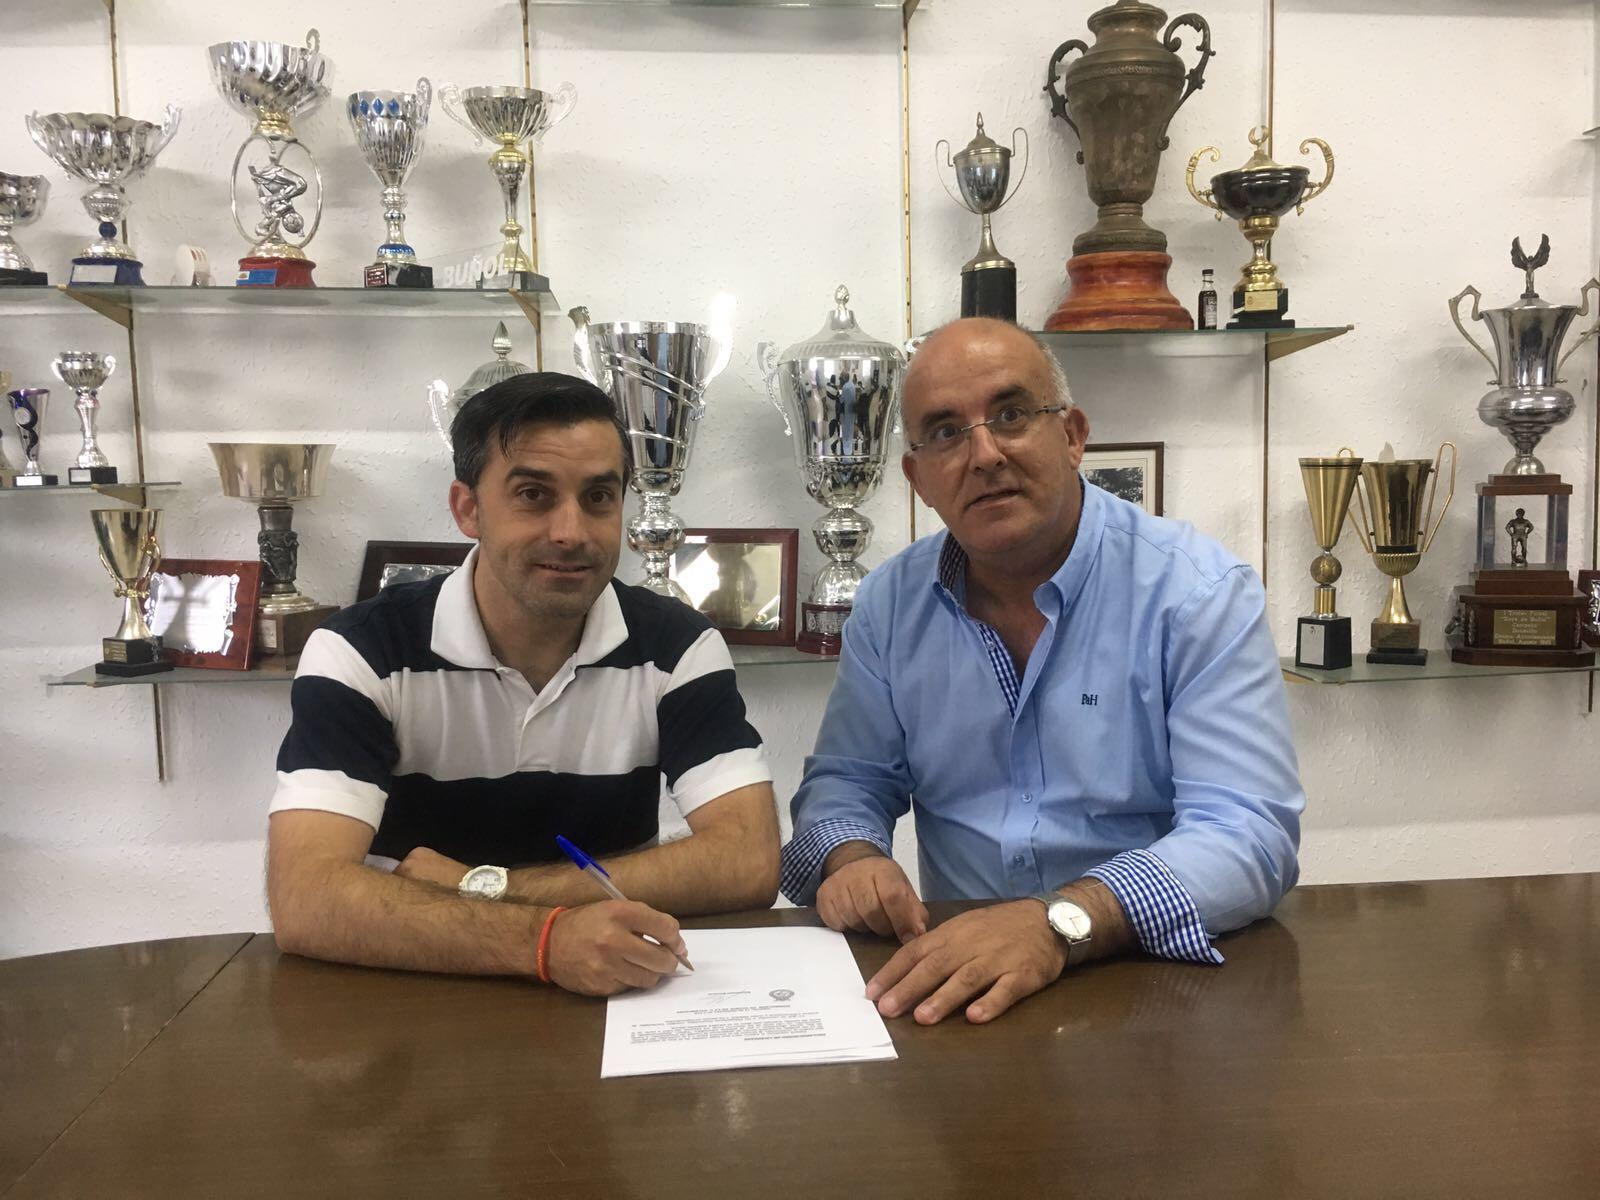 El nuevo míster del CD Buñol, Javier Pons, durante la firma del contrato con el presidente del Club, Amadeo Sáez.